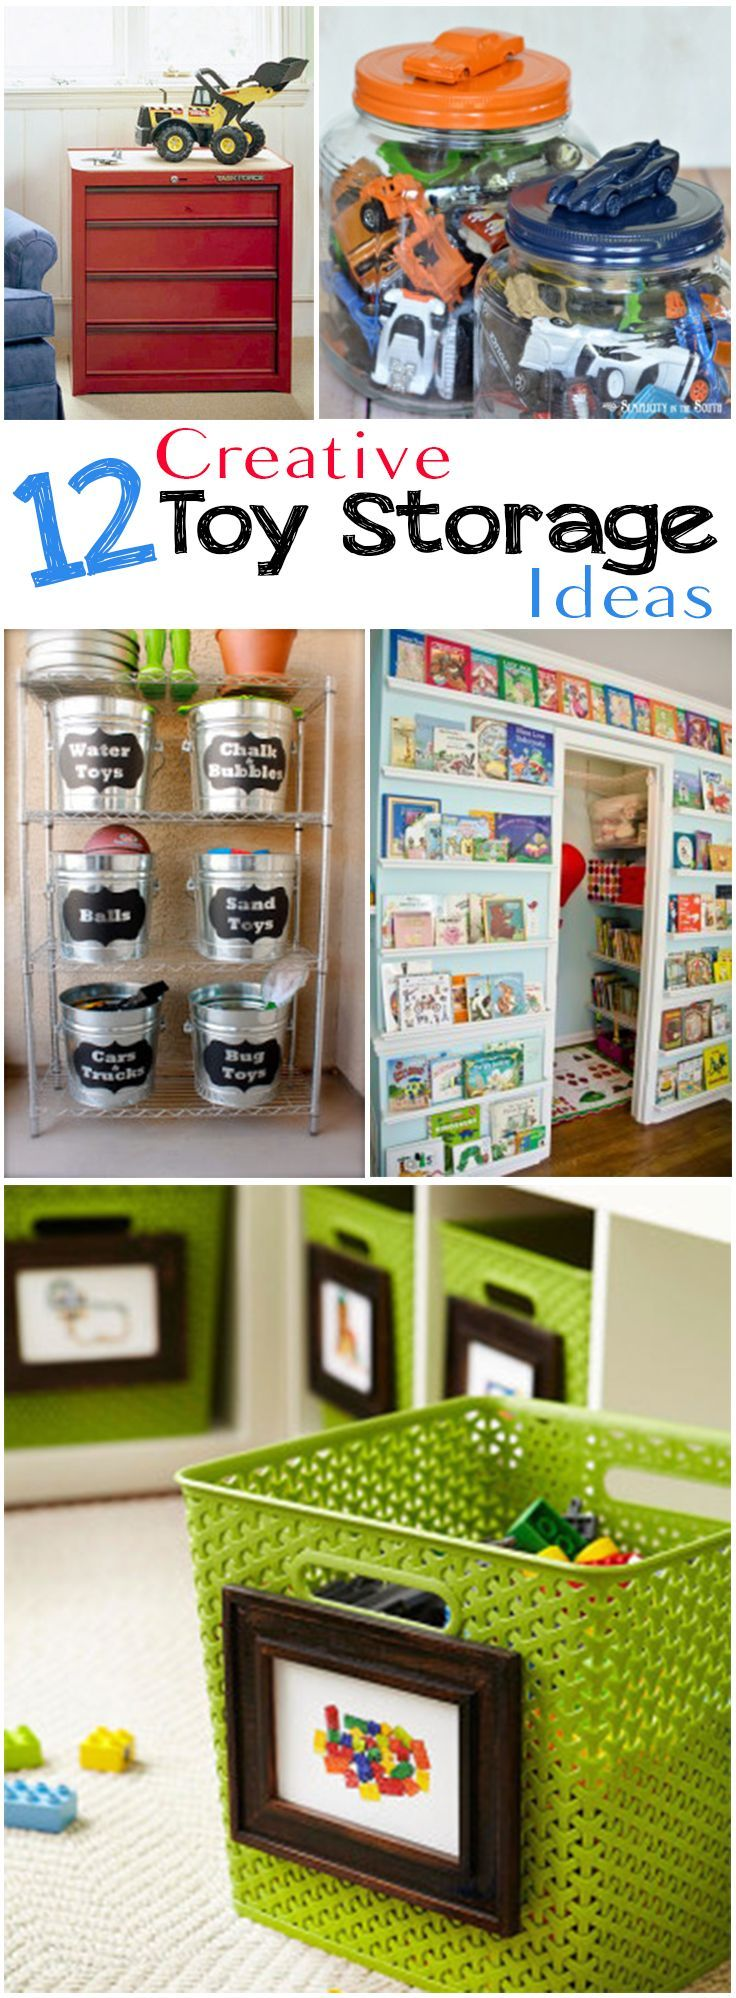 Best 25 Creative Toy Storage Ideas On Pinterest Toy